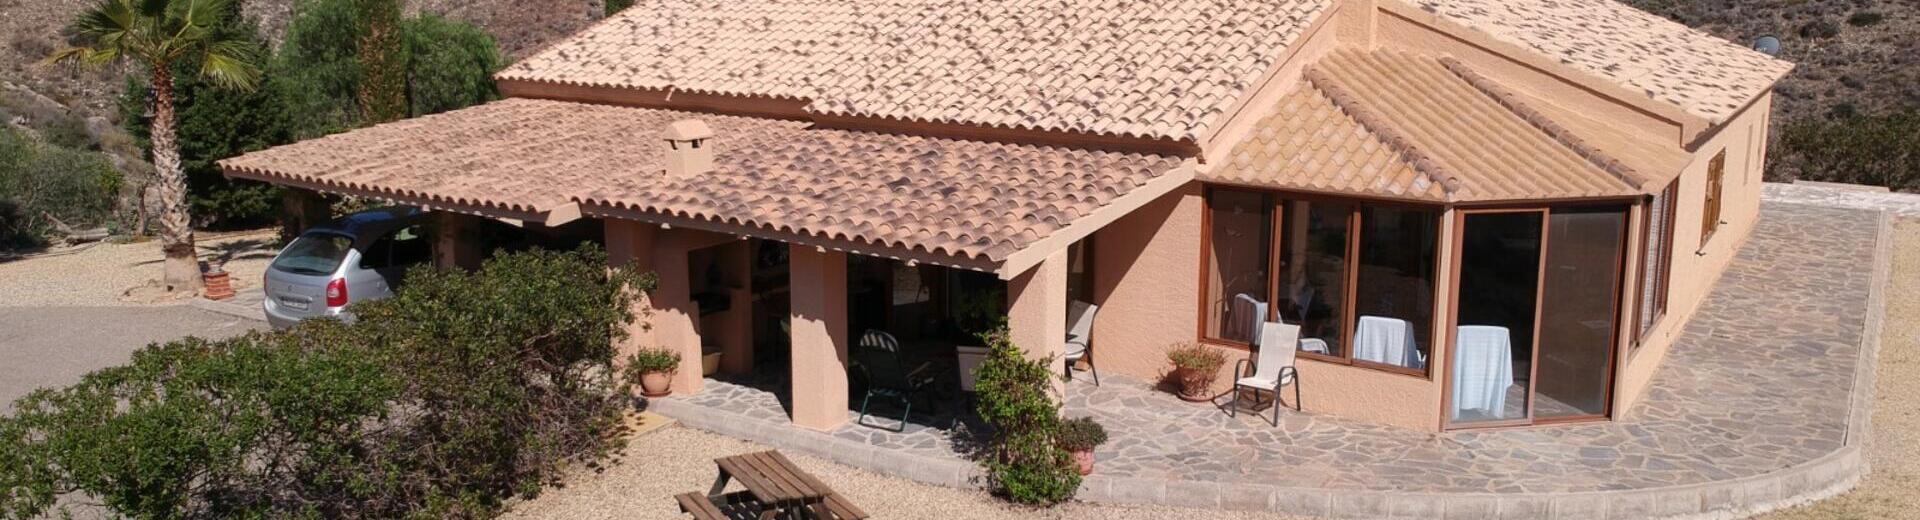 VIP7630: Villa for Sale